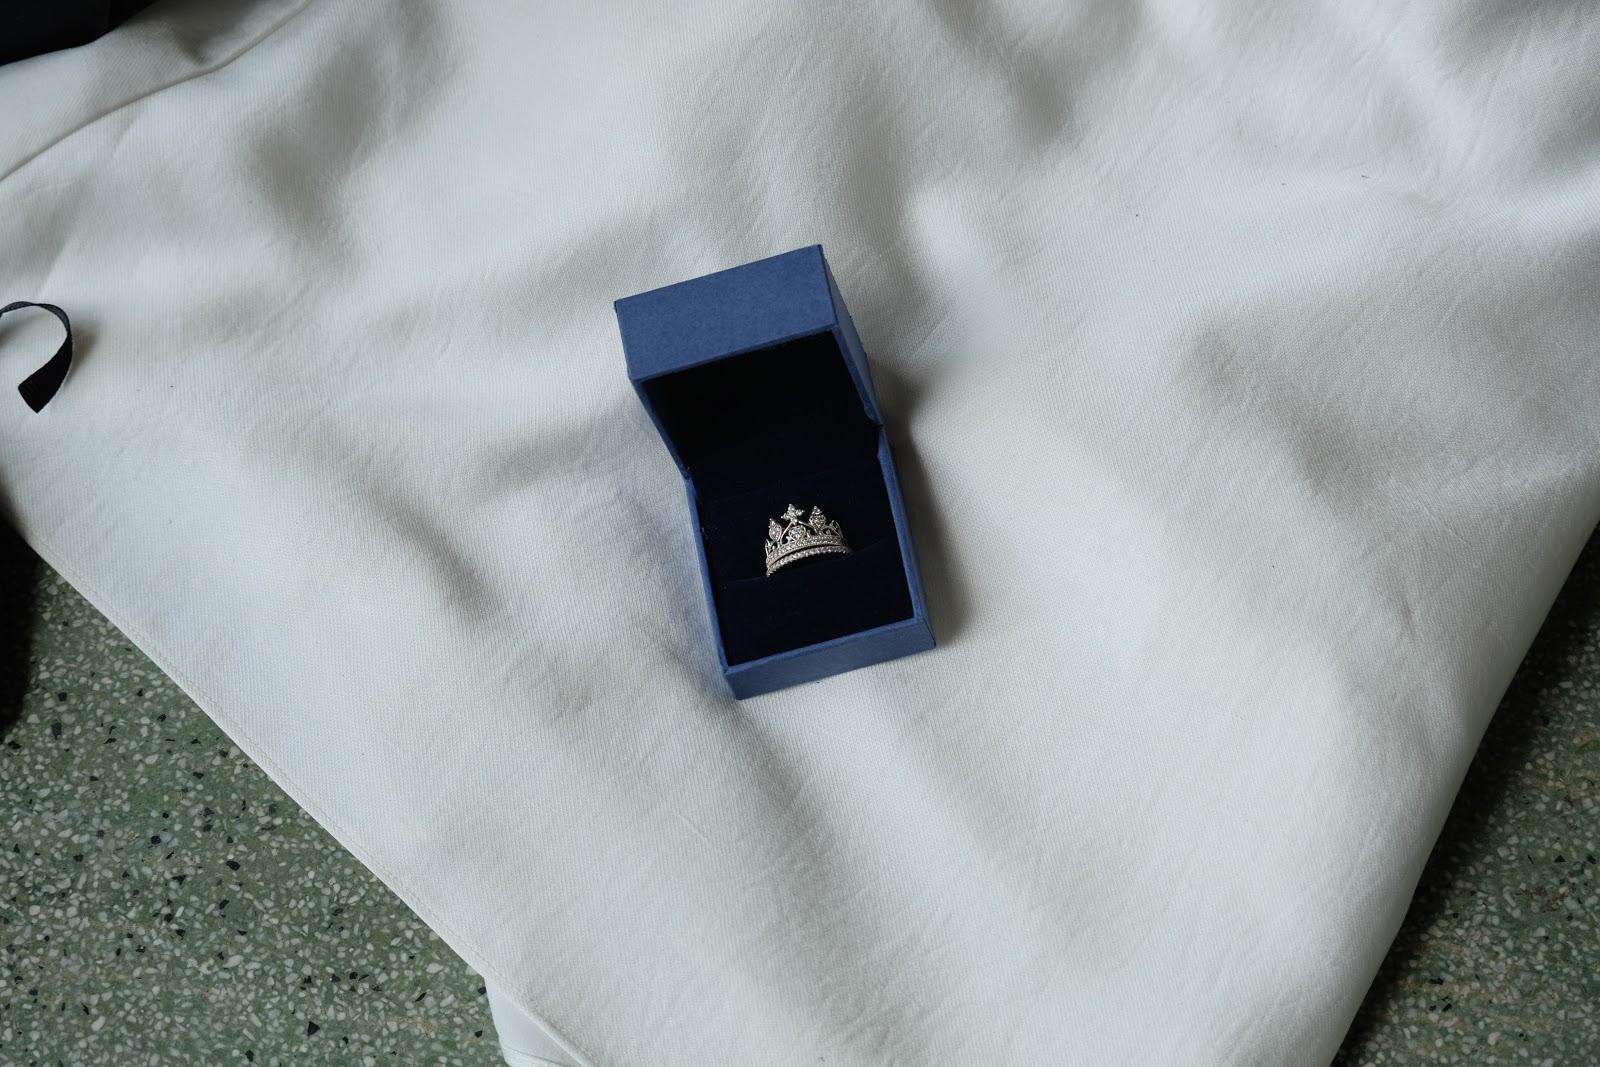 Xu hướng trang sức bạc tinh tế và thanh mảnh đang được nhiều người yêu thích